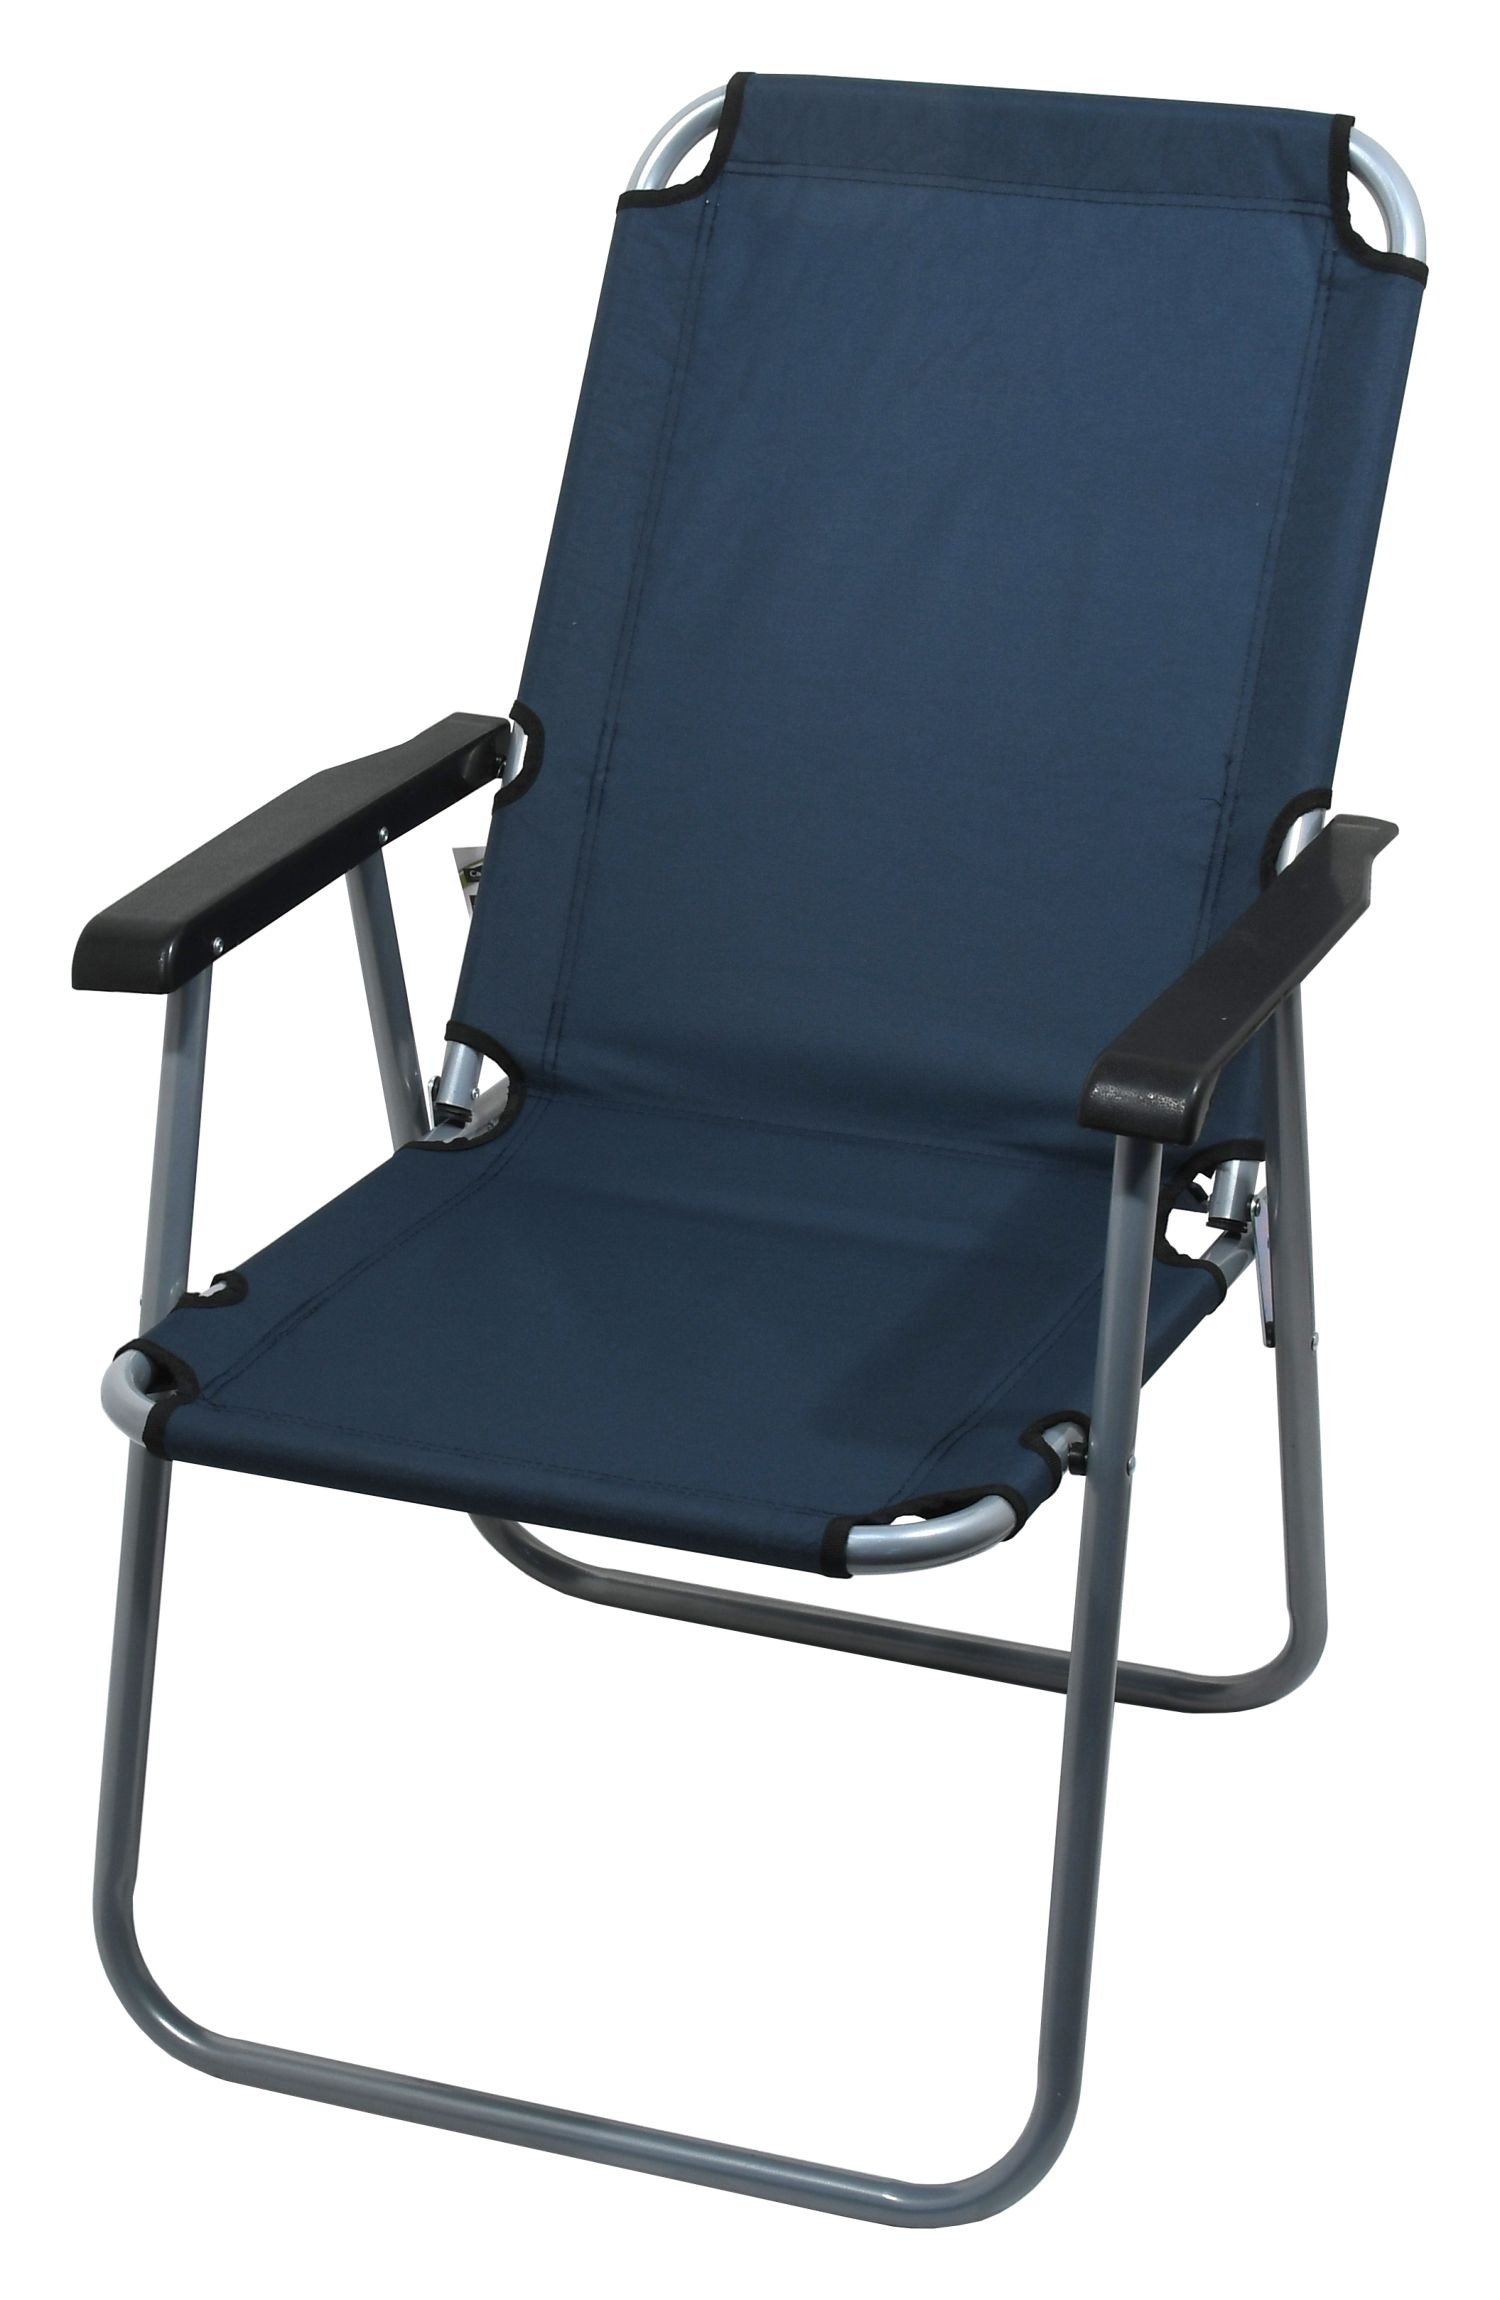 Cattara - Židle kempingová skládací LYON tmavě modrá